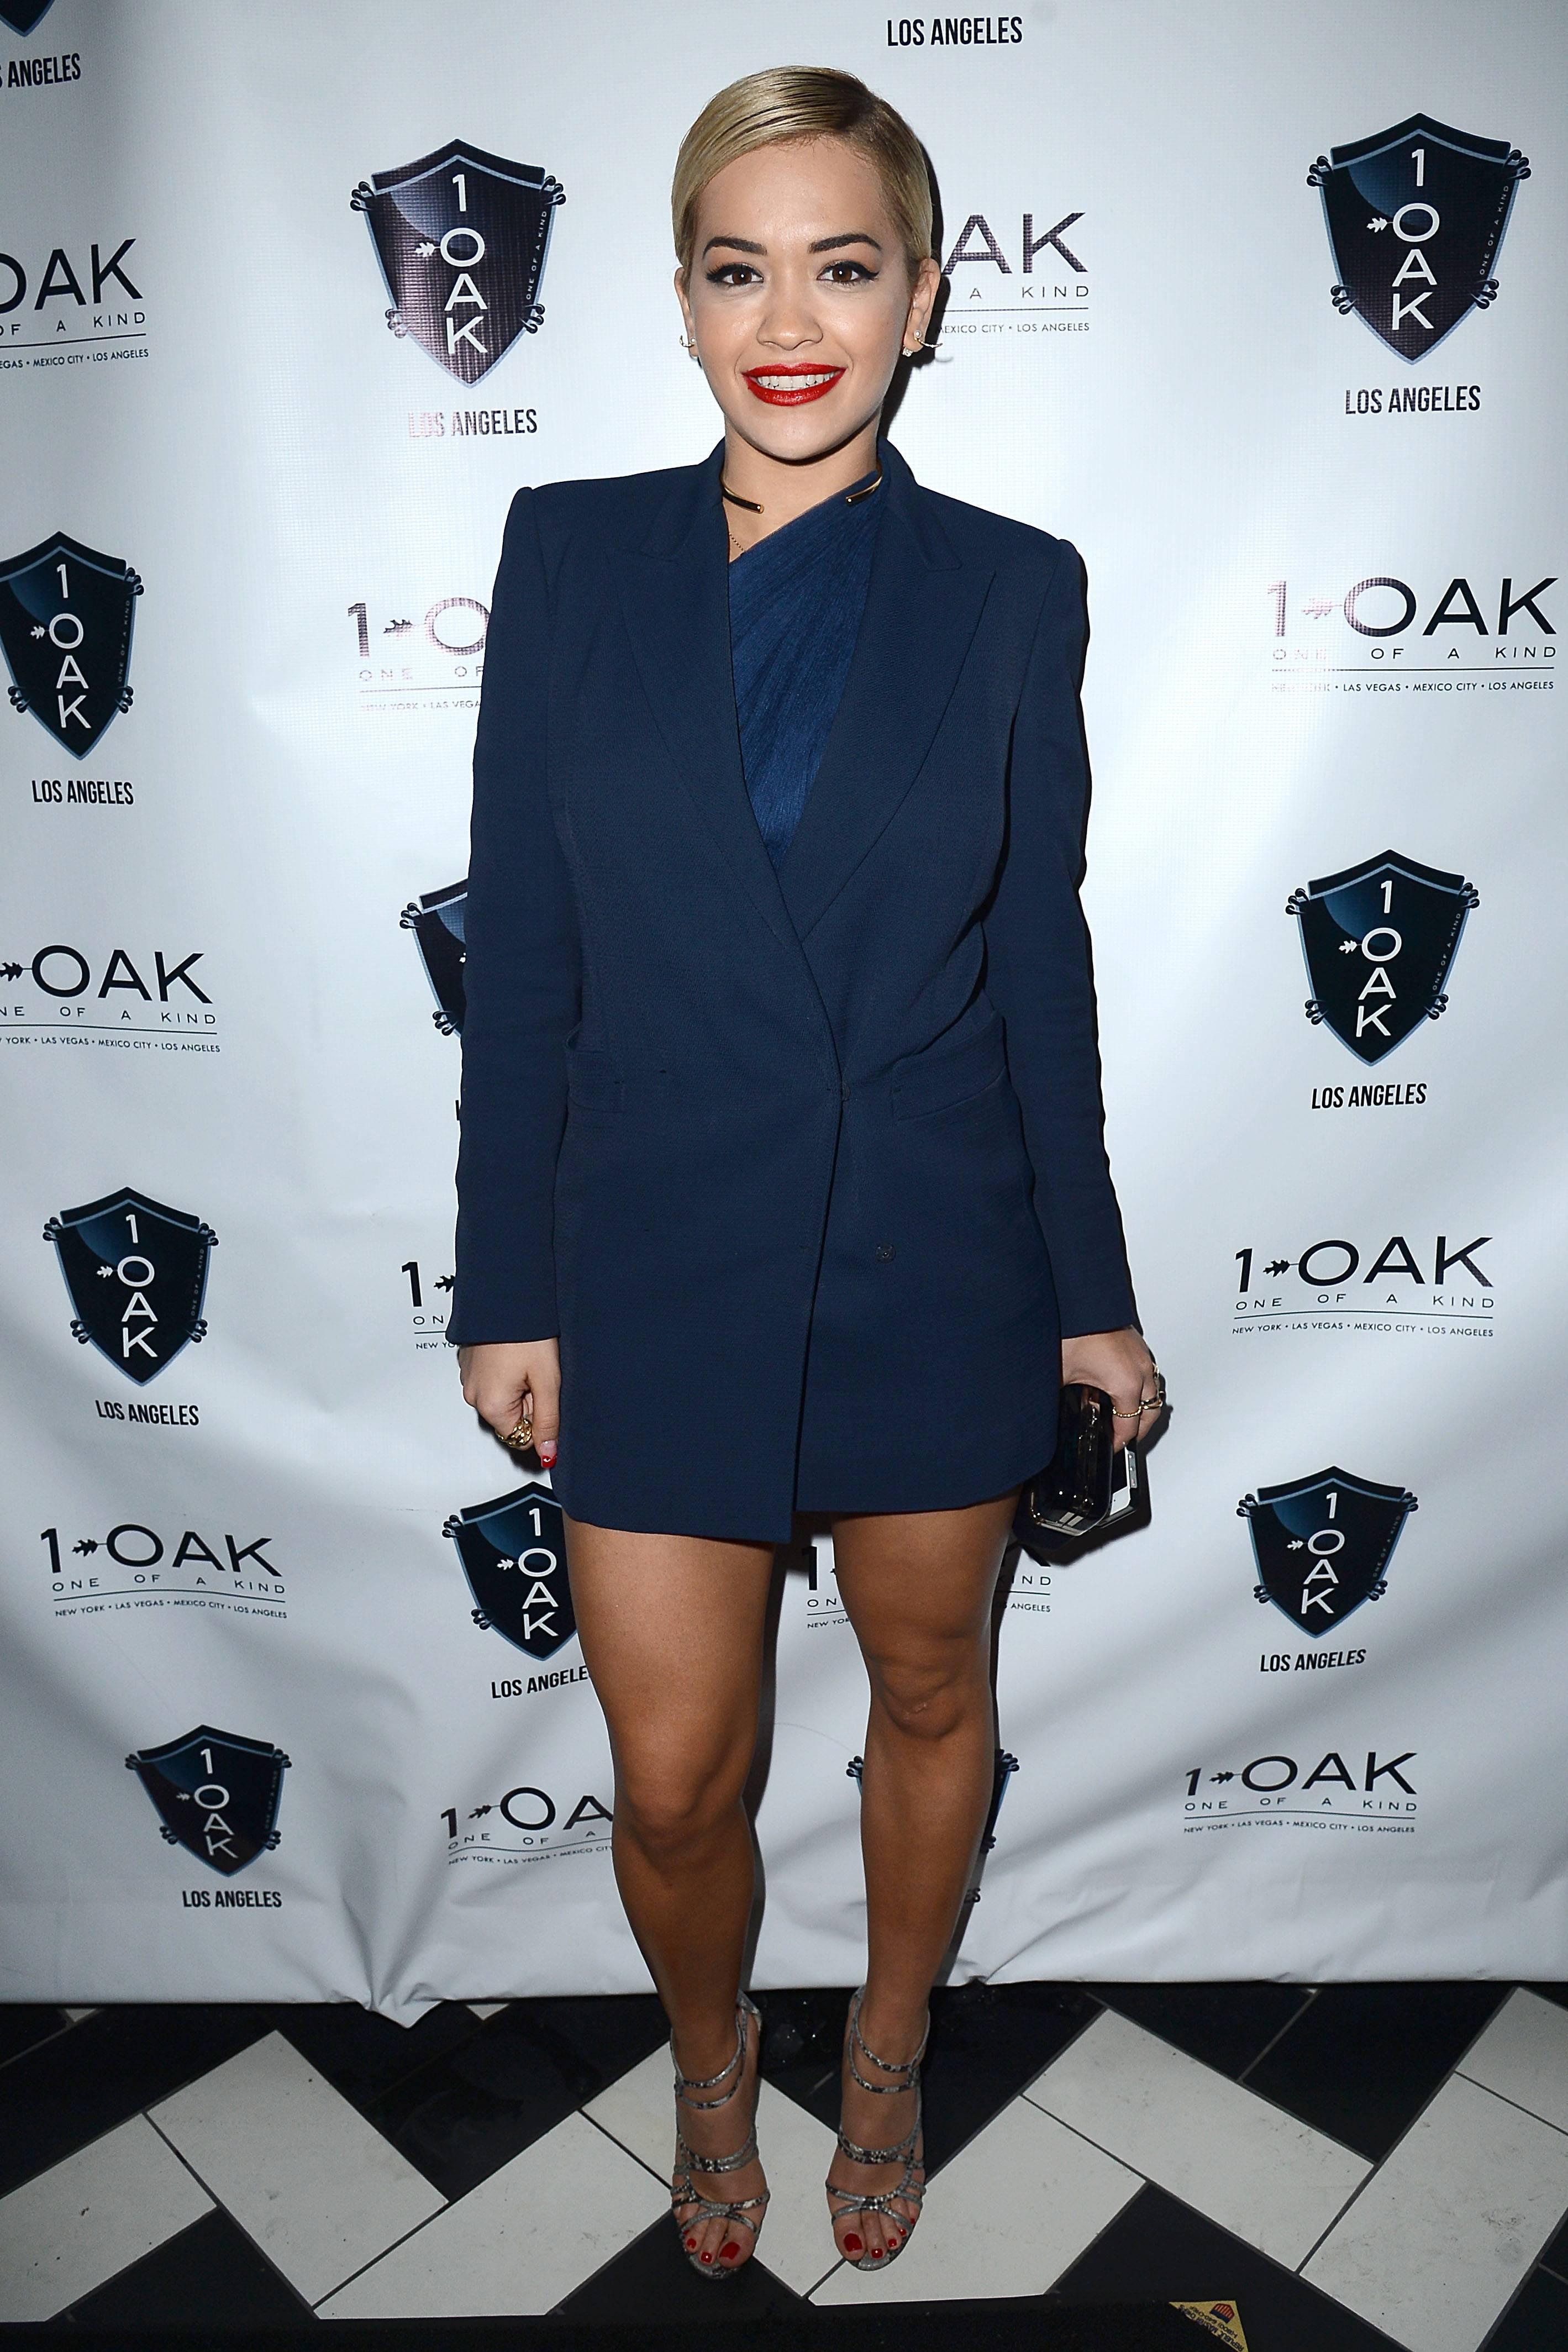 Rita Ora. 1 OAK LA. 1.25